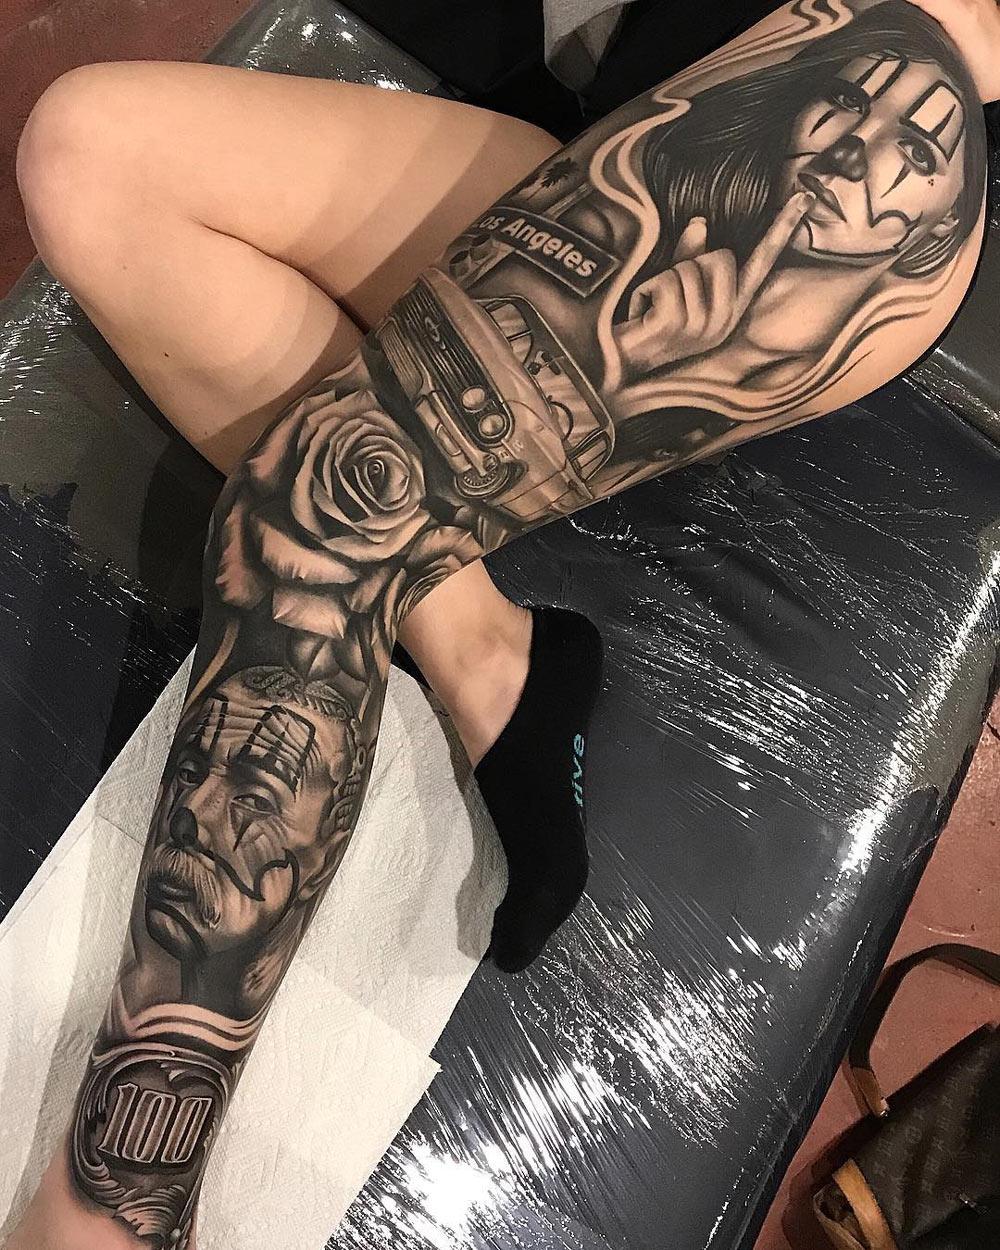 Tattoo Leg Sleeves Designs Half Sleeve Tattoo Site